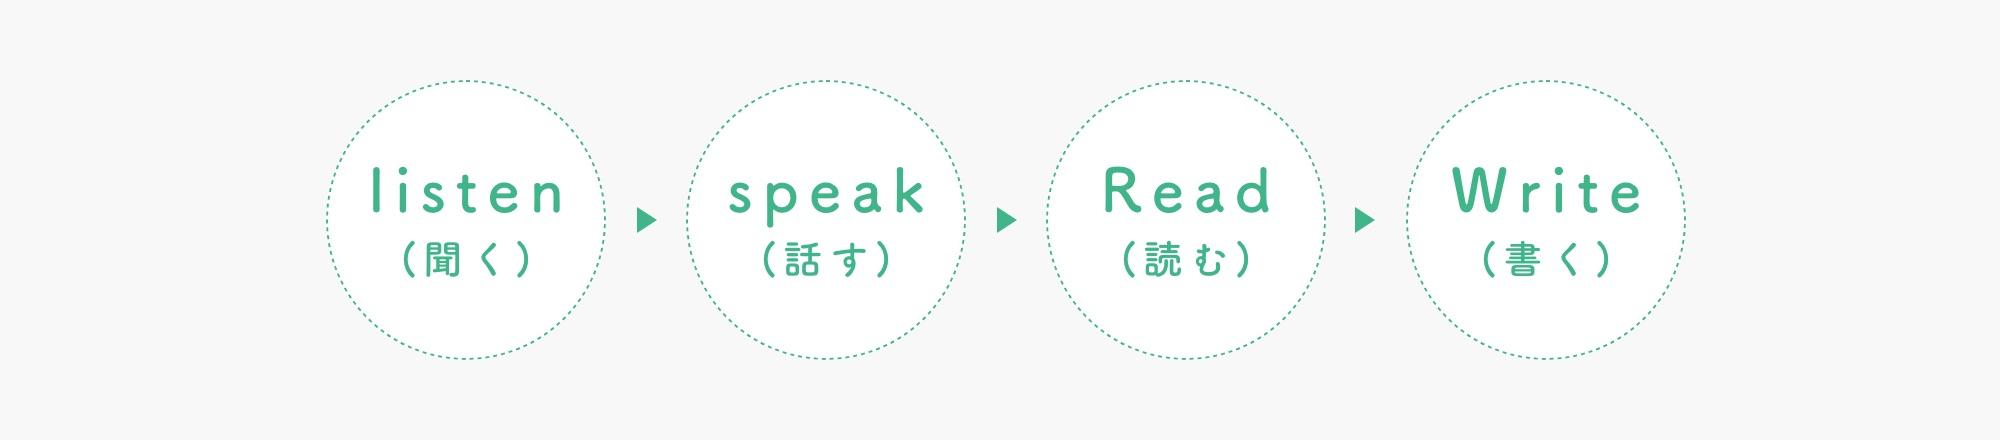 聞く > 話す > 読む > 書く